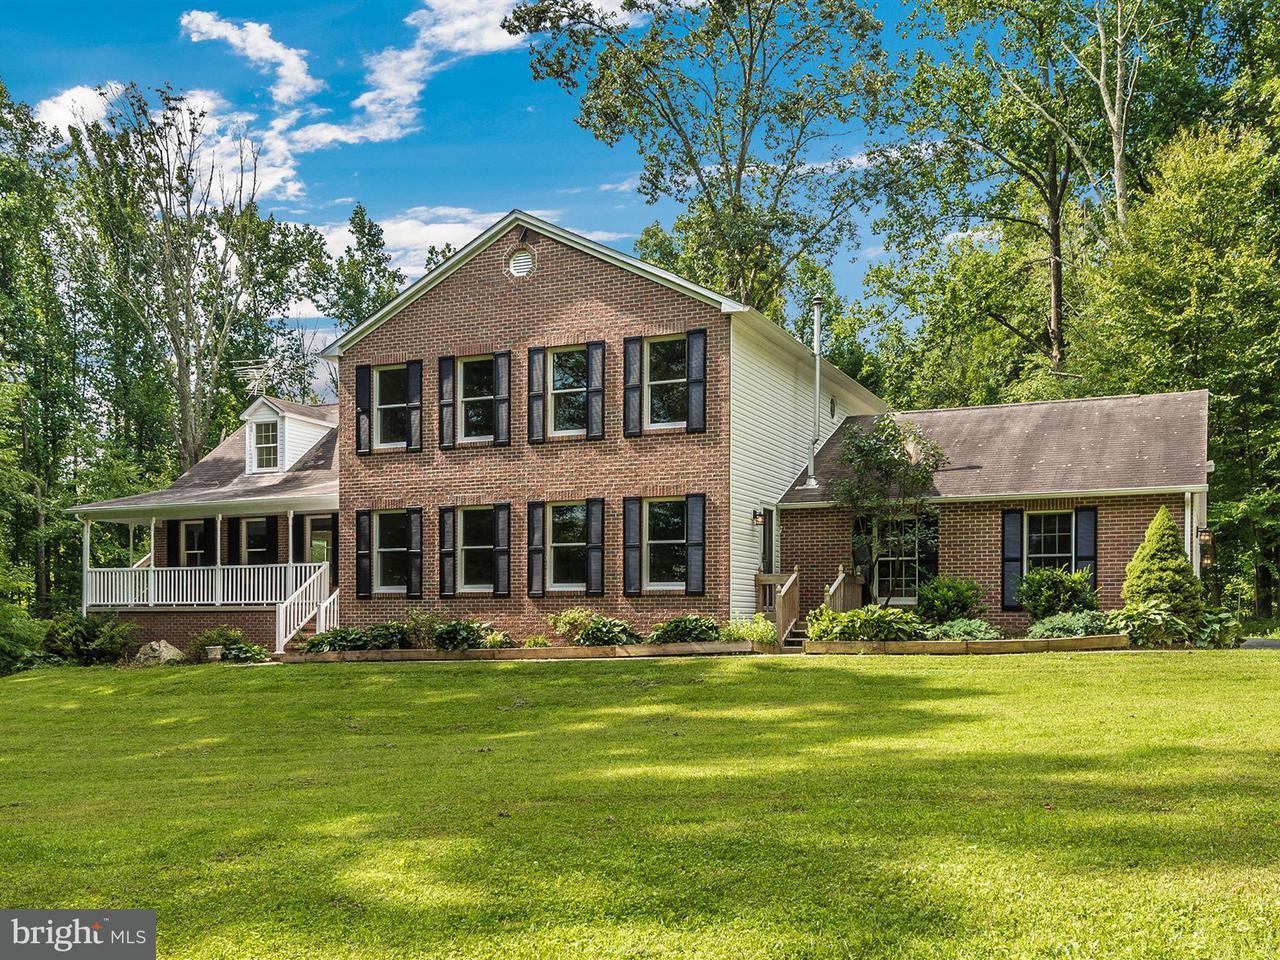 Μονοκατοικία για την Πώληση στο 13707 JOHN KLINE Road 13707 JOHN KLINE Road Smithsburg, Μεριλαντ 21783 Ηνωμενεσ Πολιτειεσ